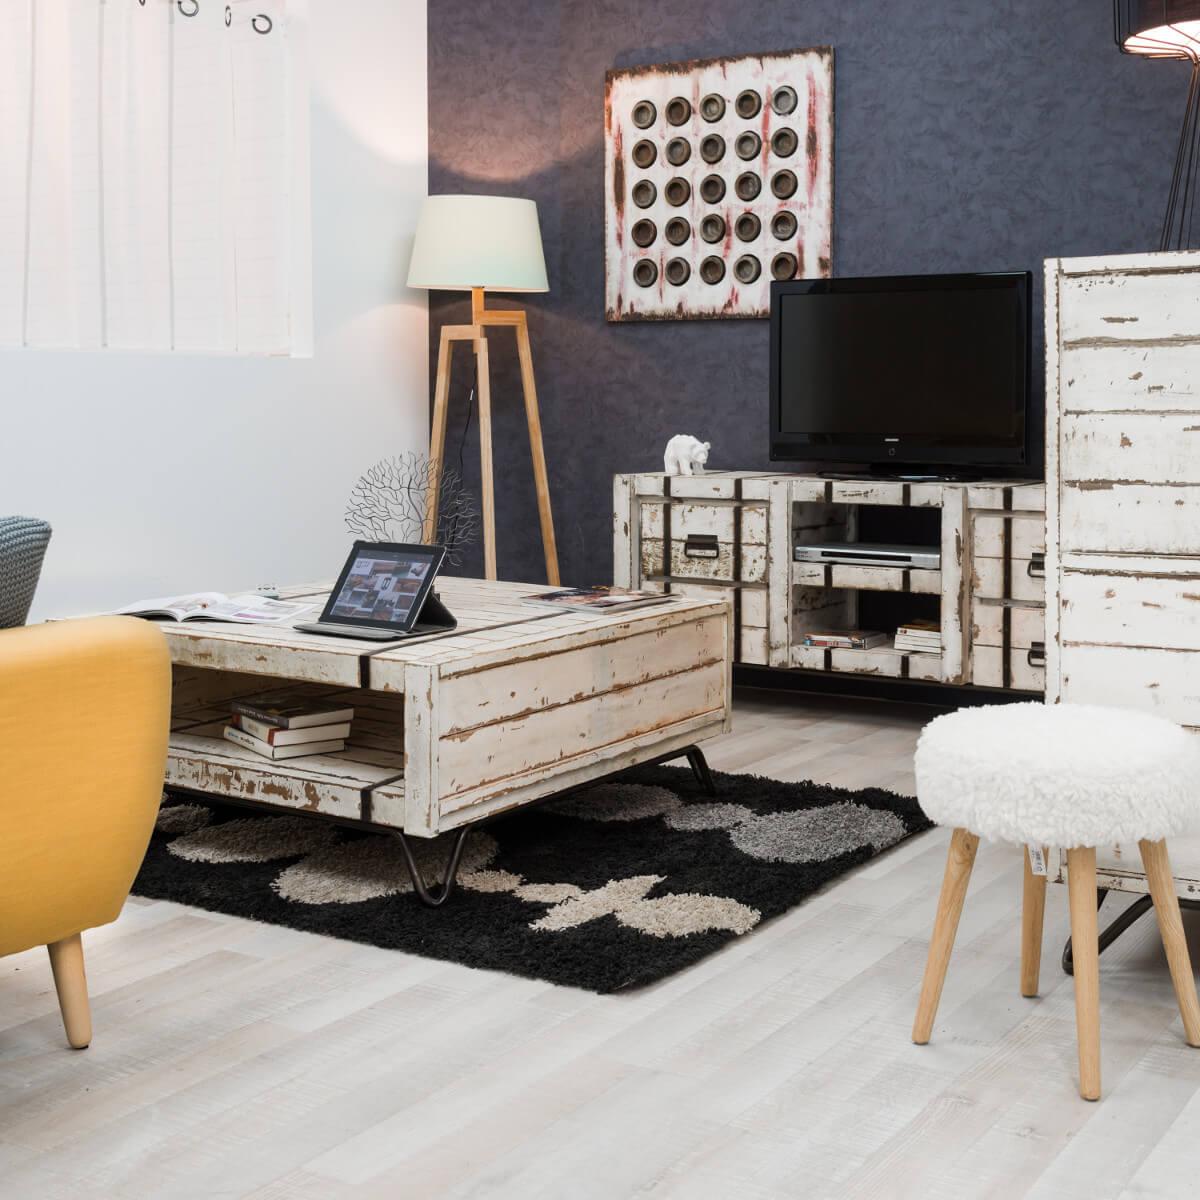 meuble tv bois en mindi loft blanc 160x45 - Meuble Tv Bois Massif Blanc